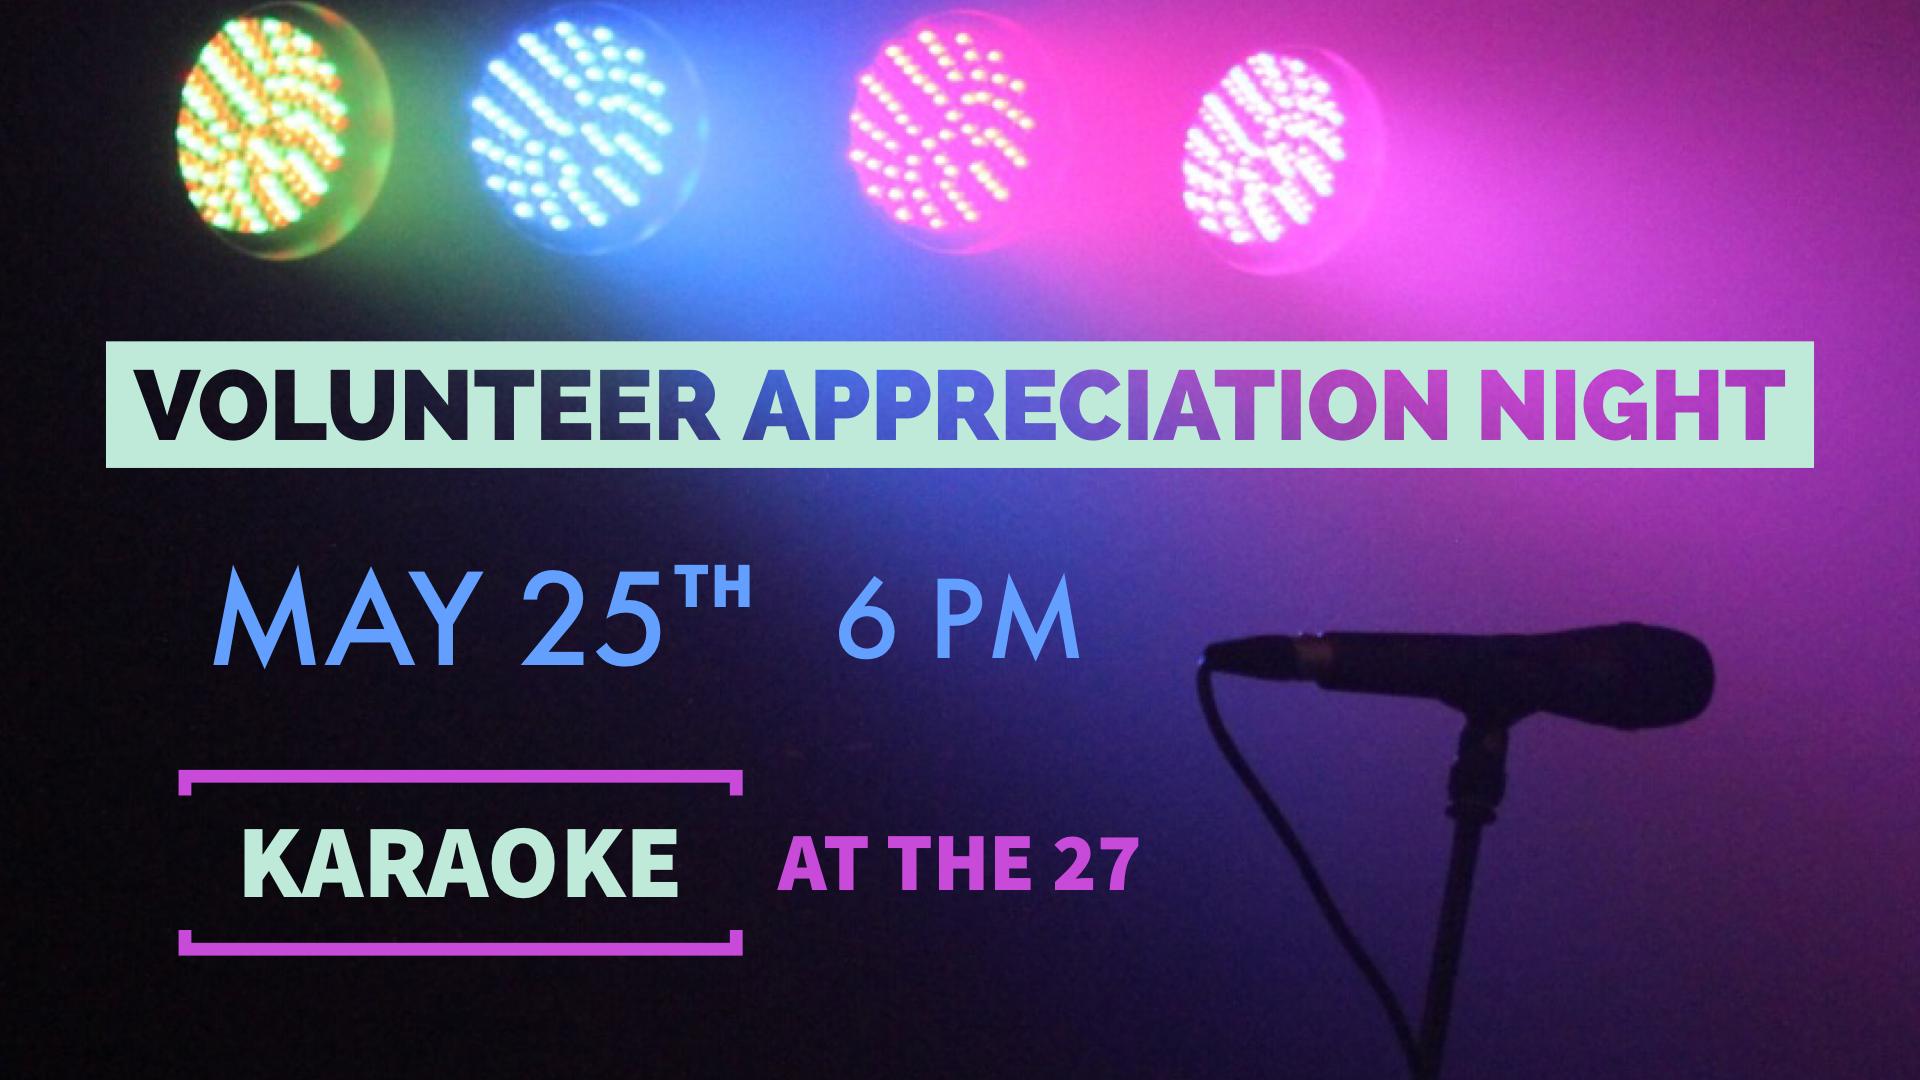 volunteer appreciation night gathering space image